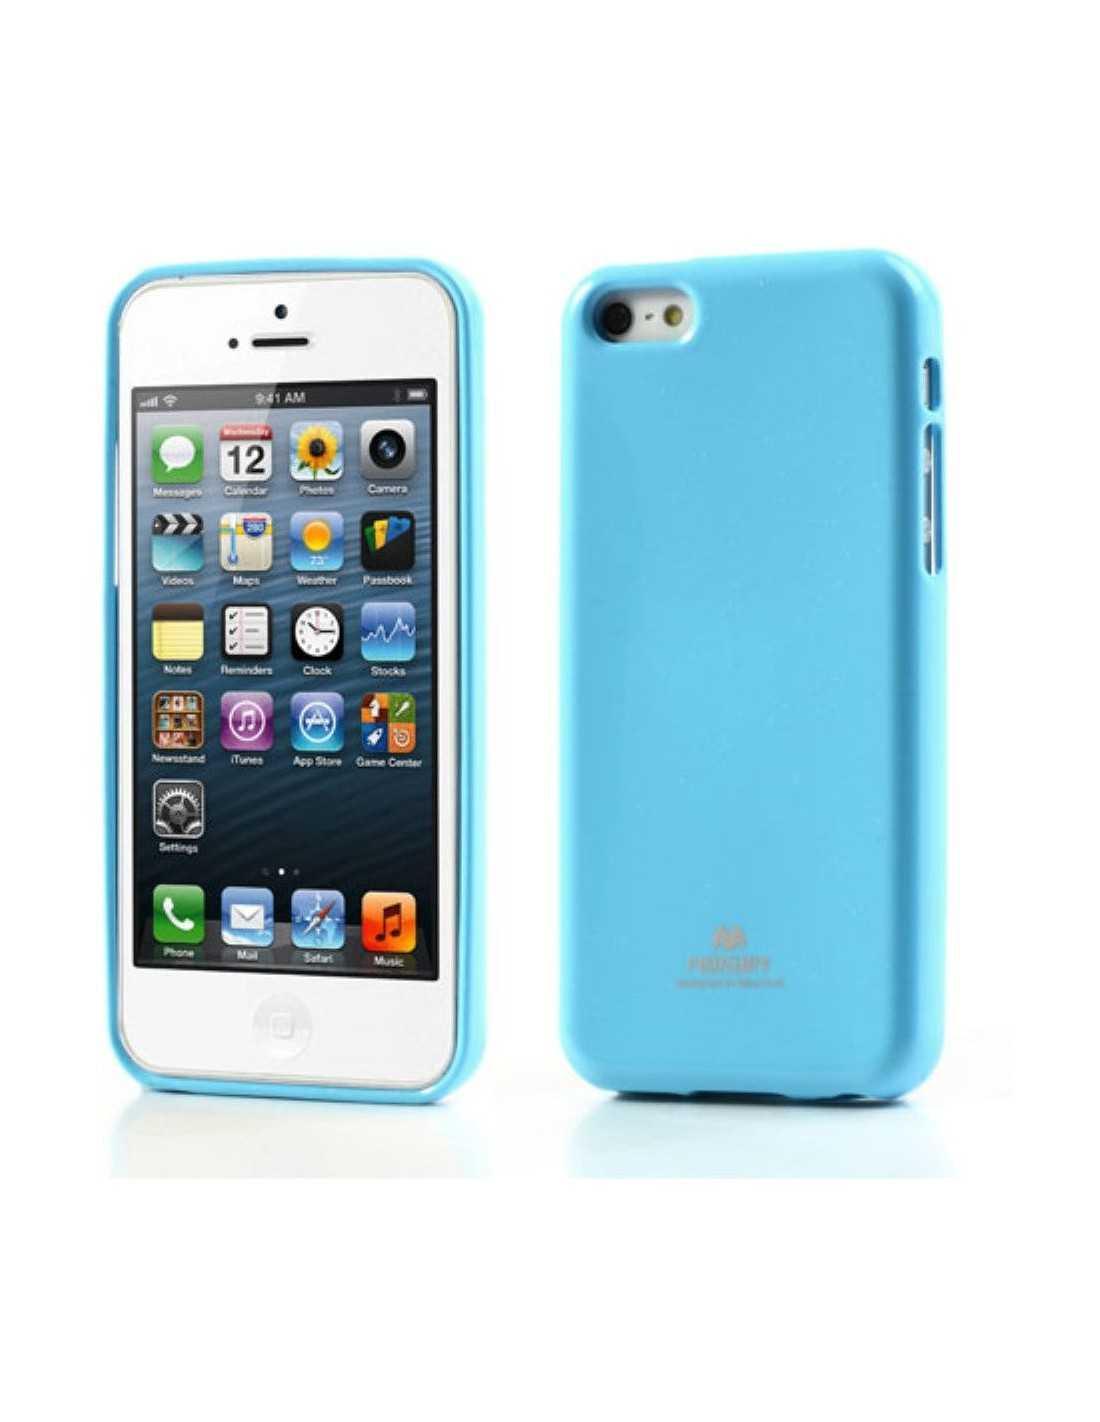 coque silicone iphone 5c gel mercury bleu